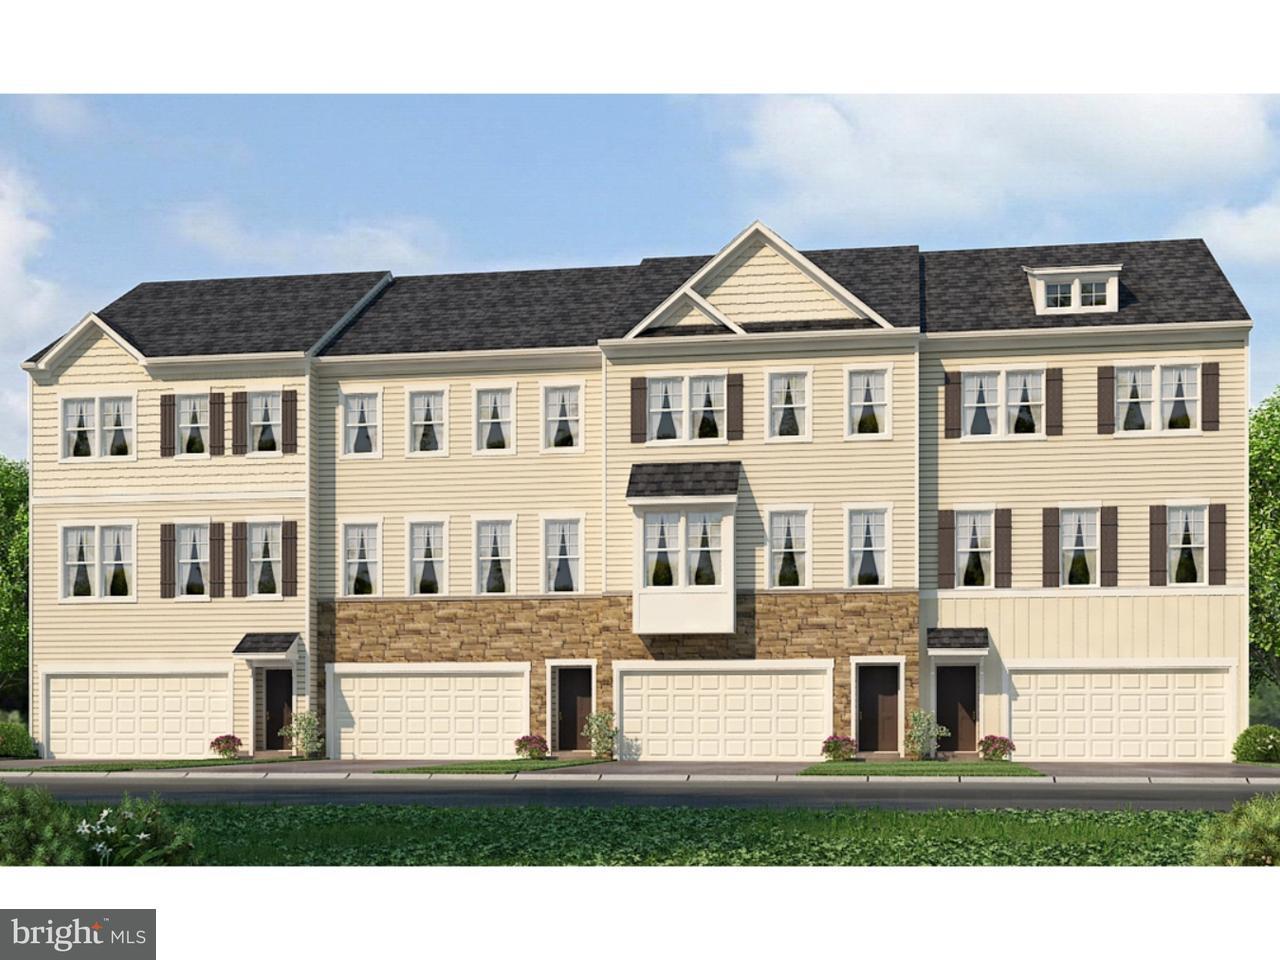 Radhus för Försäljning vid 29 SULLIVAN WAY Marlton, New Jersey 08053 Usa